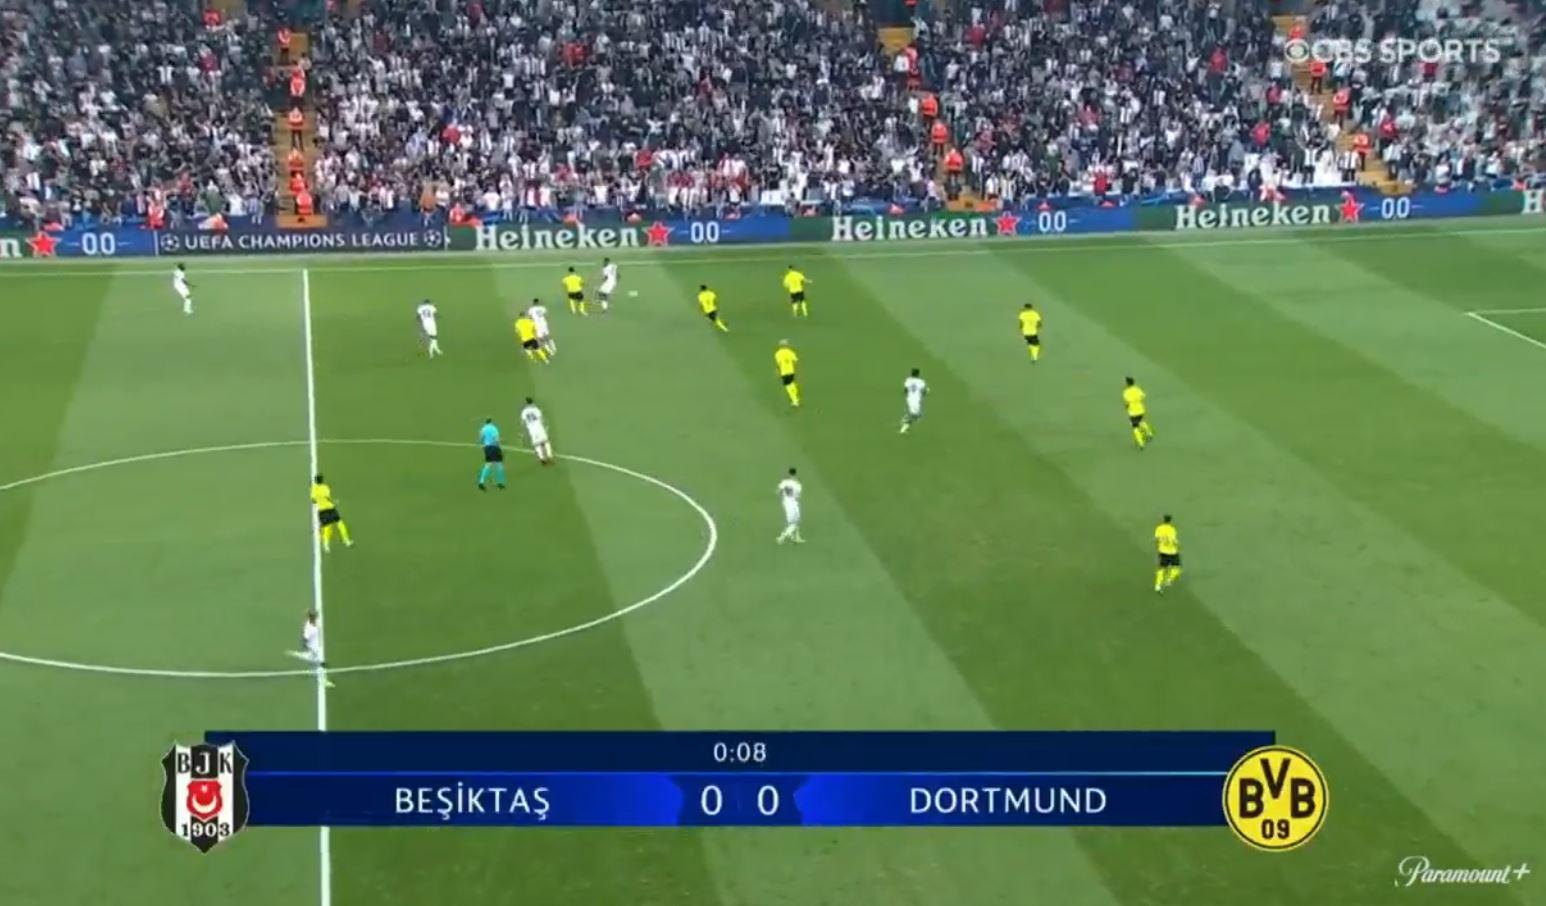 Besiktas 1-2 Borussia Dortmund 2021.09.15 (17h45) Watch Full Goals Highlight Extended